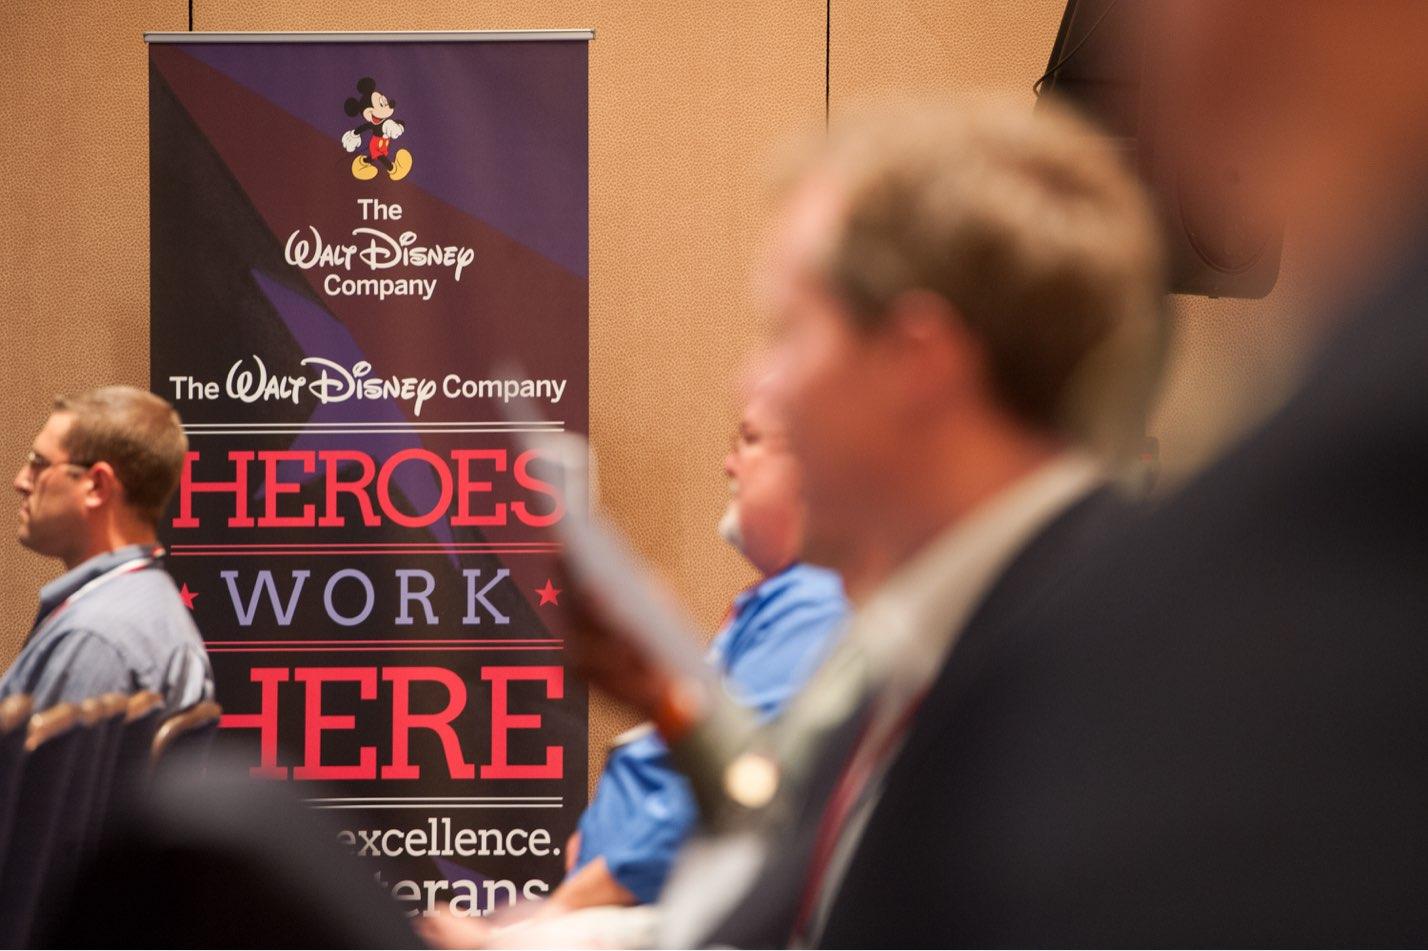 Disney Celebrates Five Years of 'Heroes Work Here' - The Walt Disney